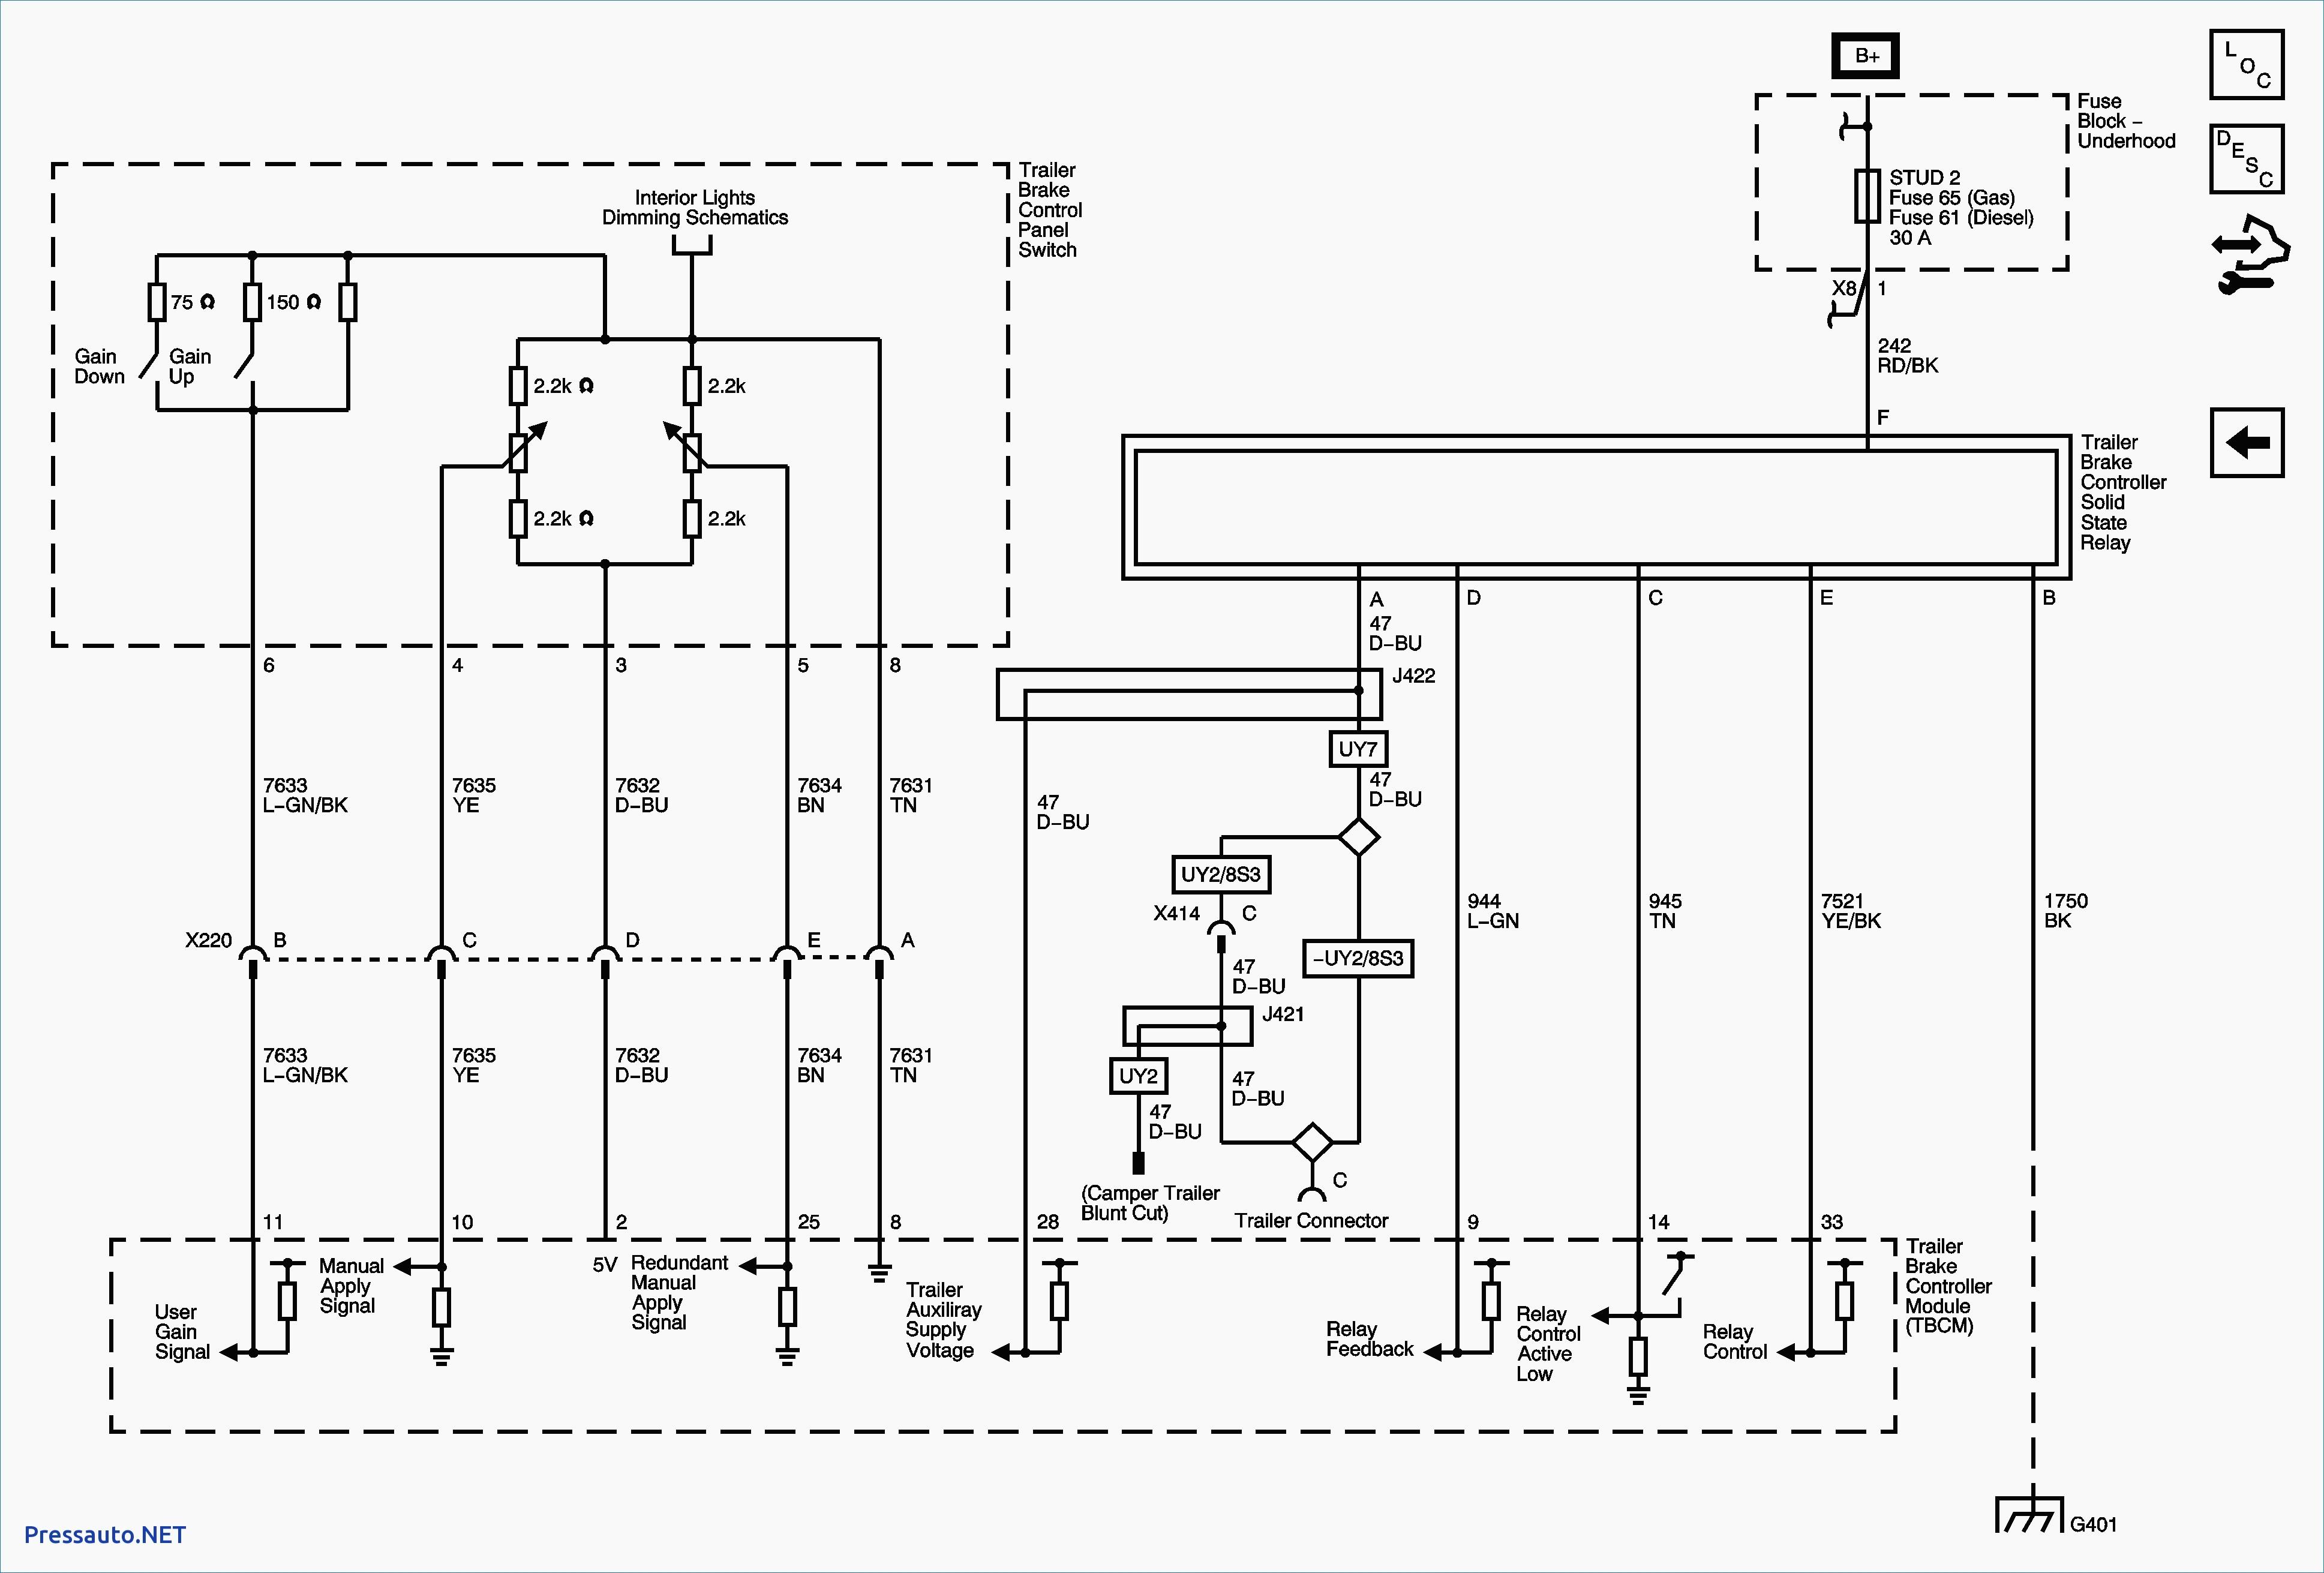 Tekonsha Voyager Generic Wiring Diagram In Trailer Brake Throughout Controller